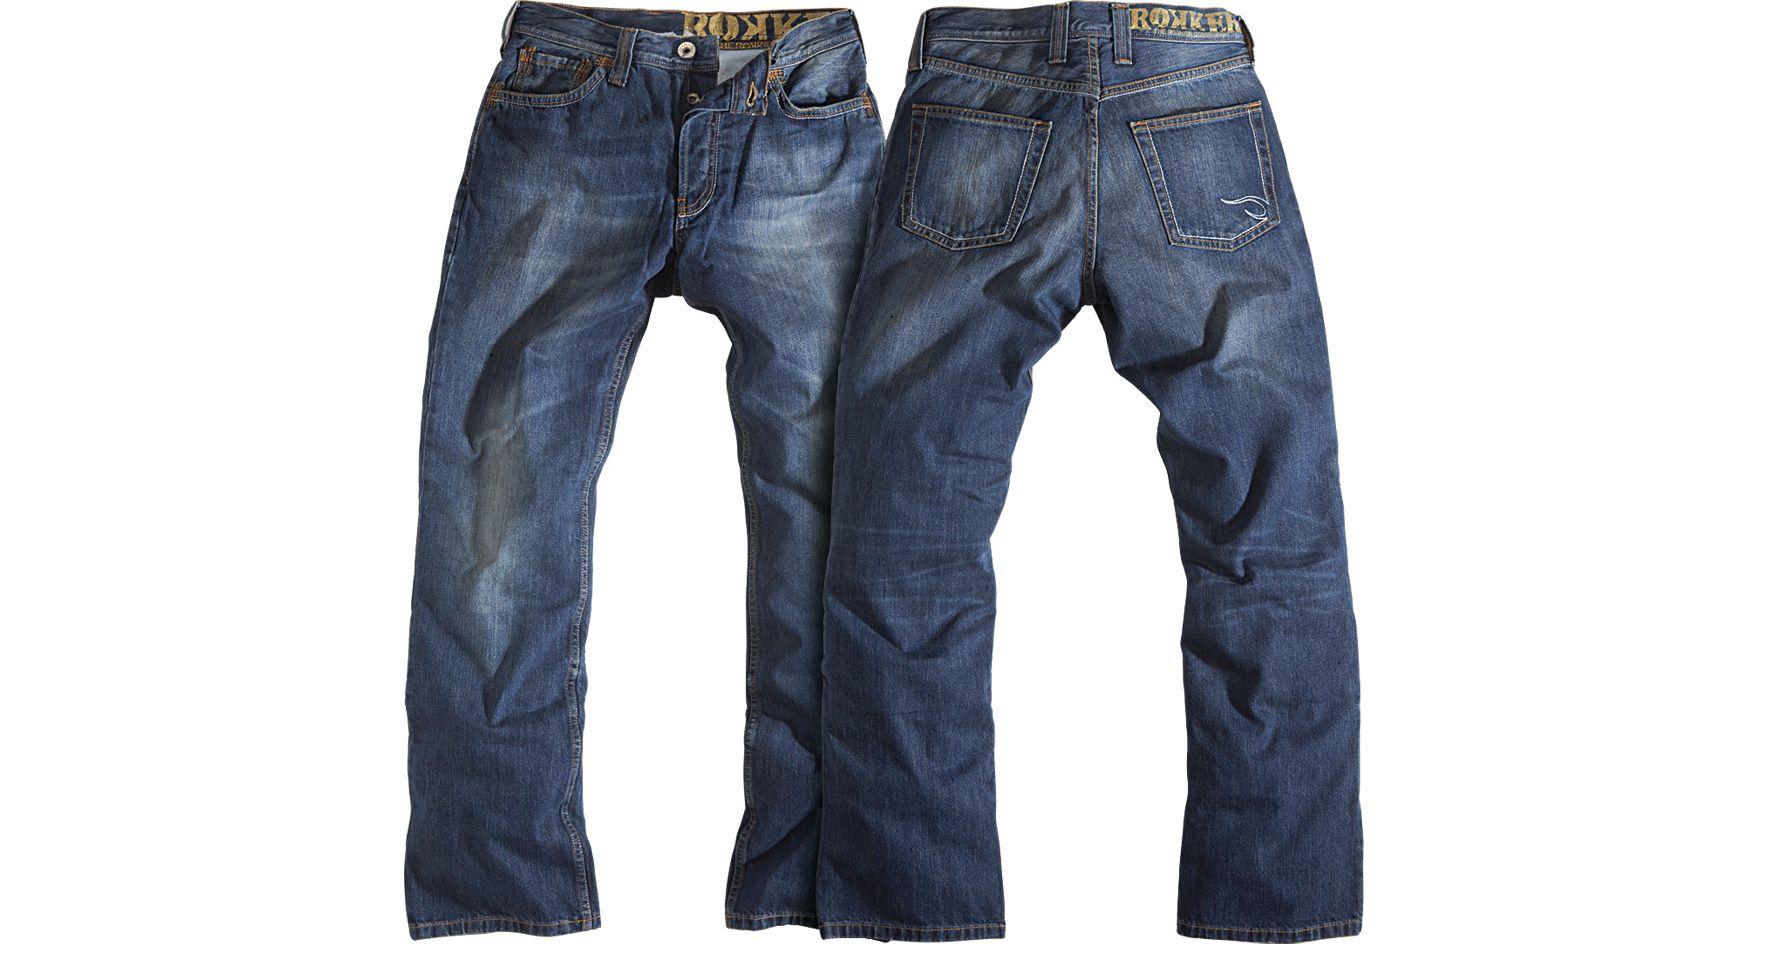 Rokker Original Motorcycle Jeans   Motorcycle jeans, Bike